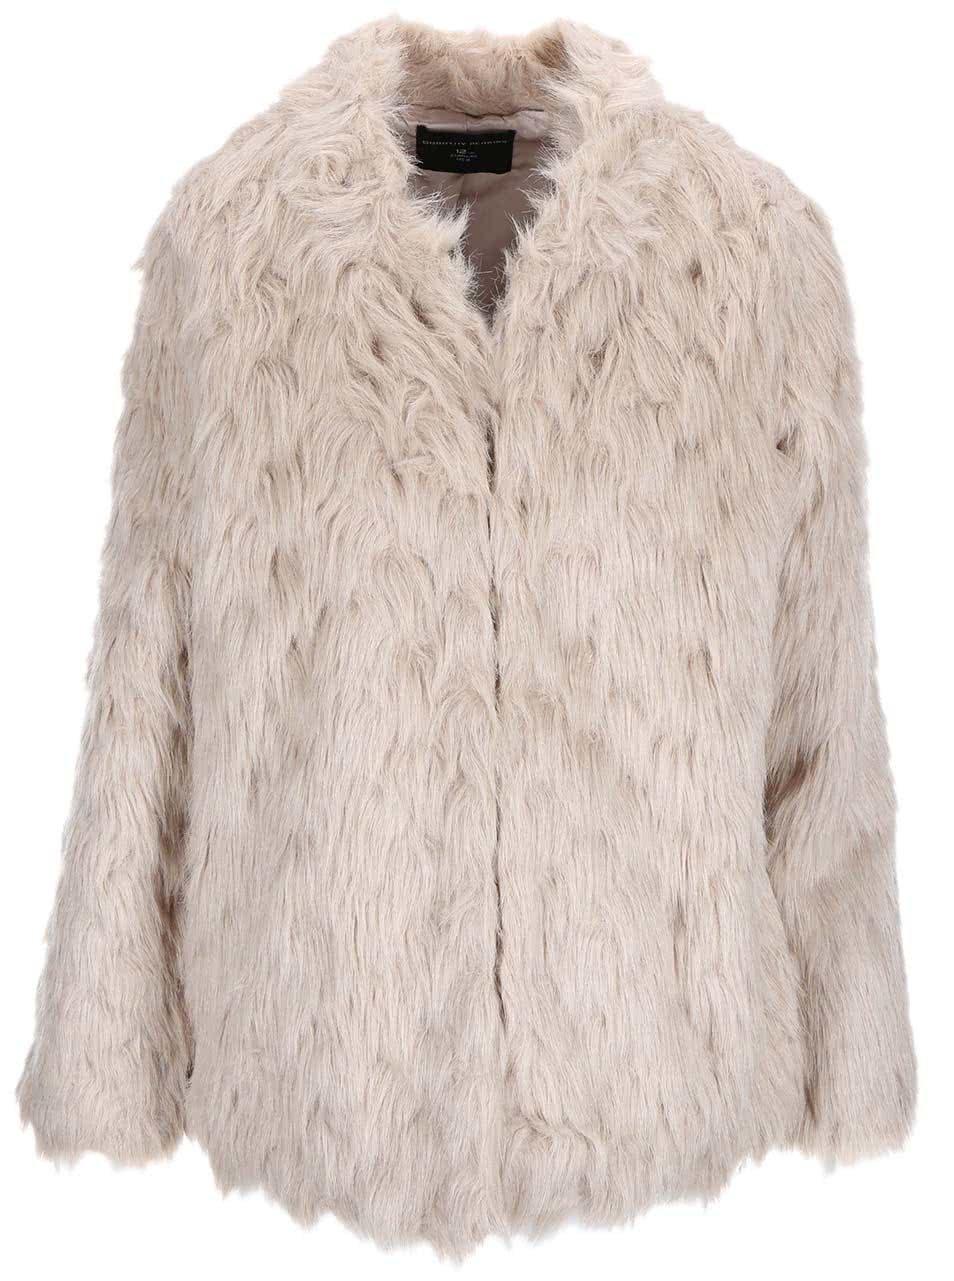 Béžový kabát z umělé kožešiny Dorothy Perkins ... 4104520e46